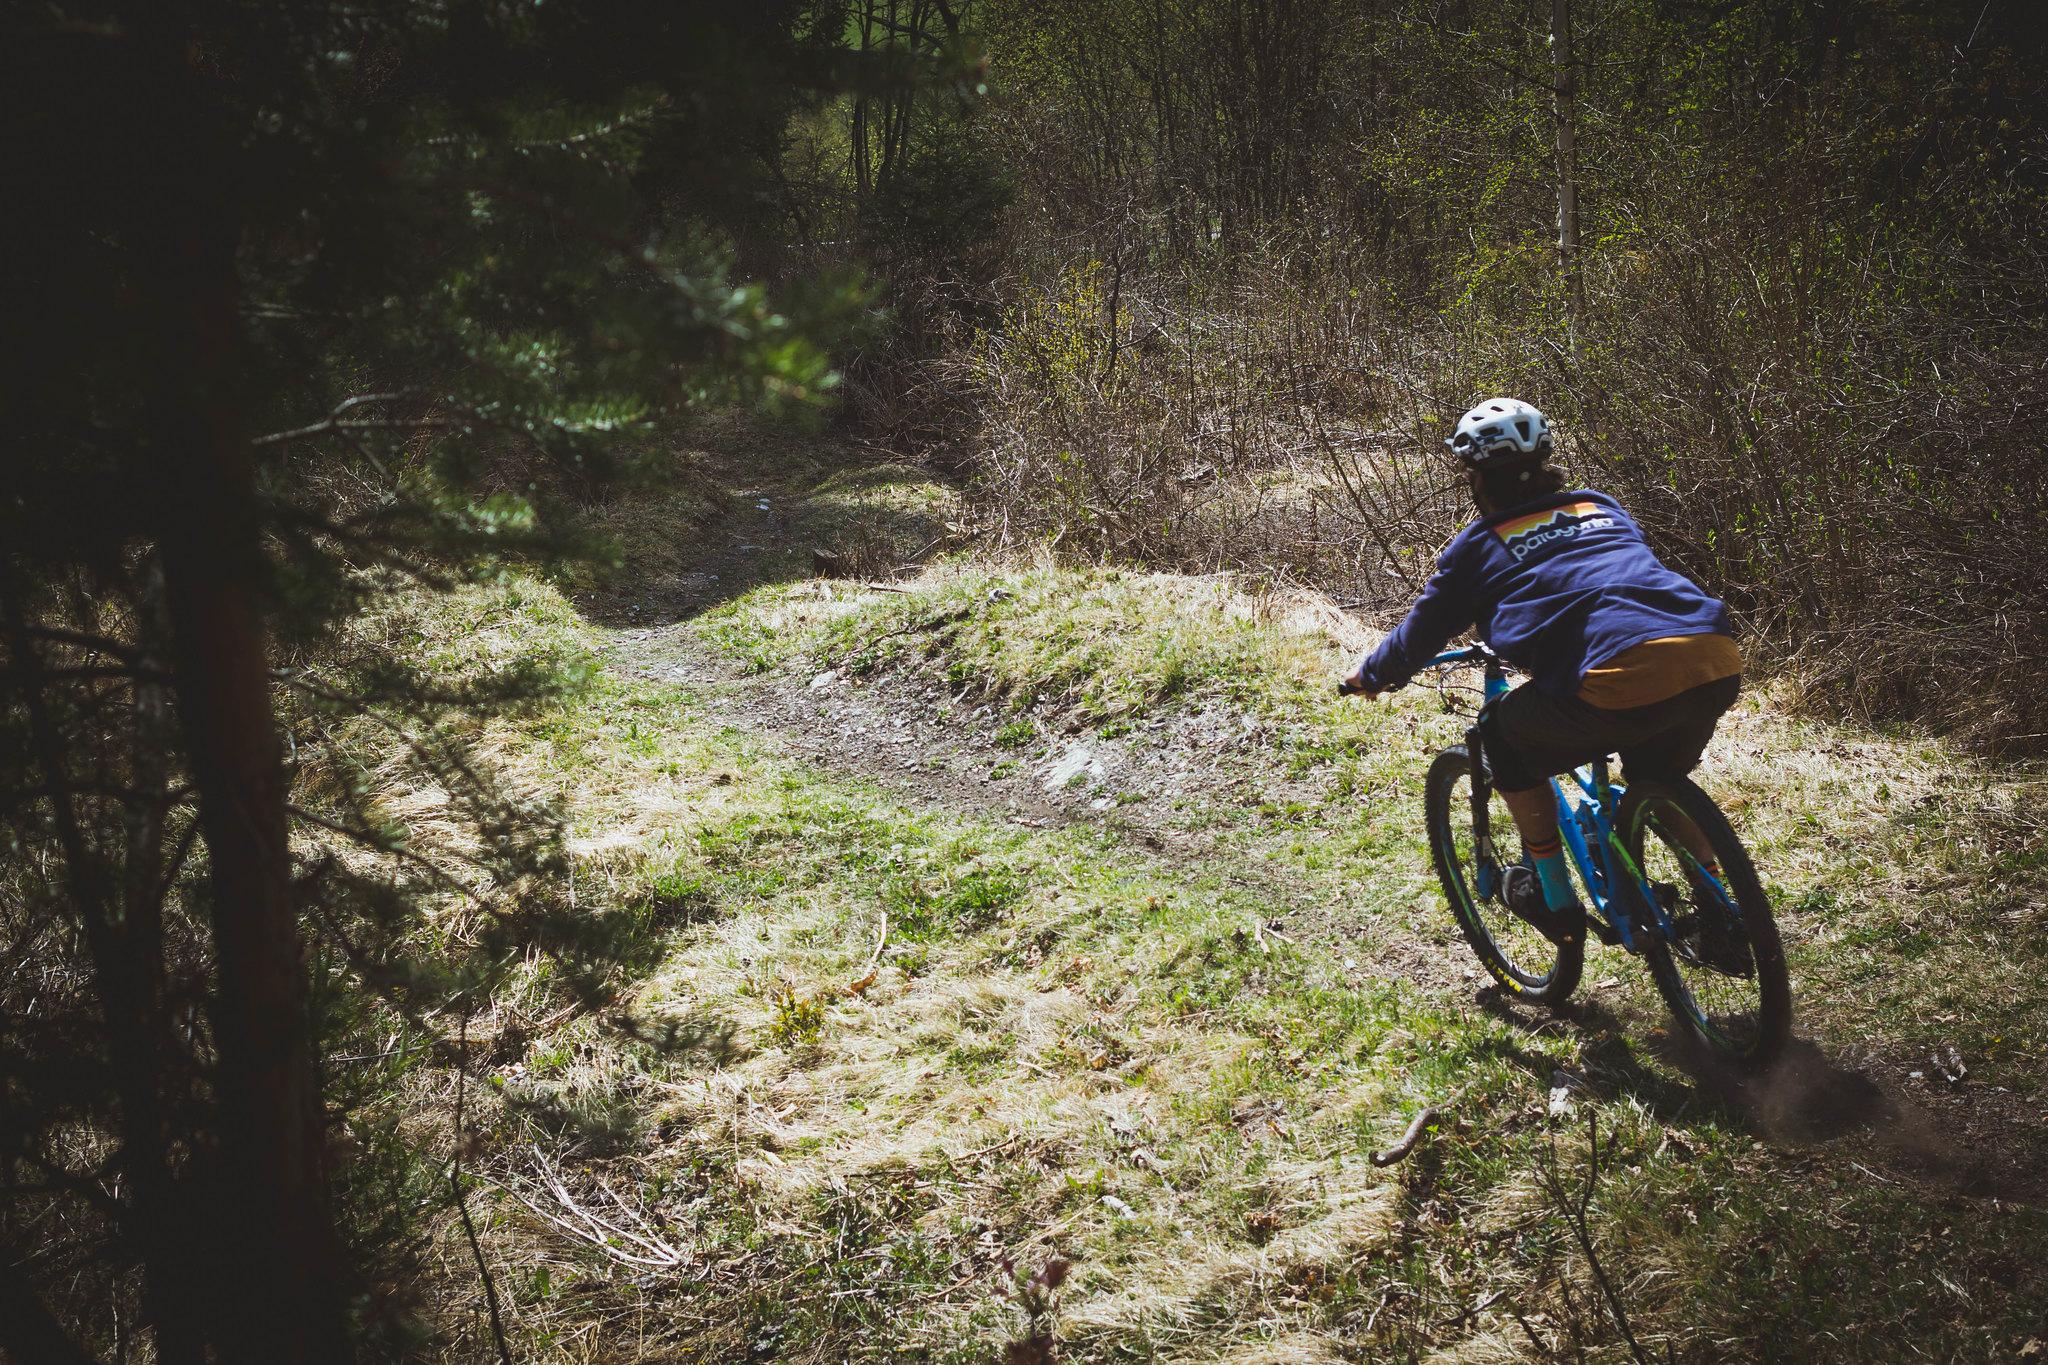 Mountainbike school